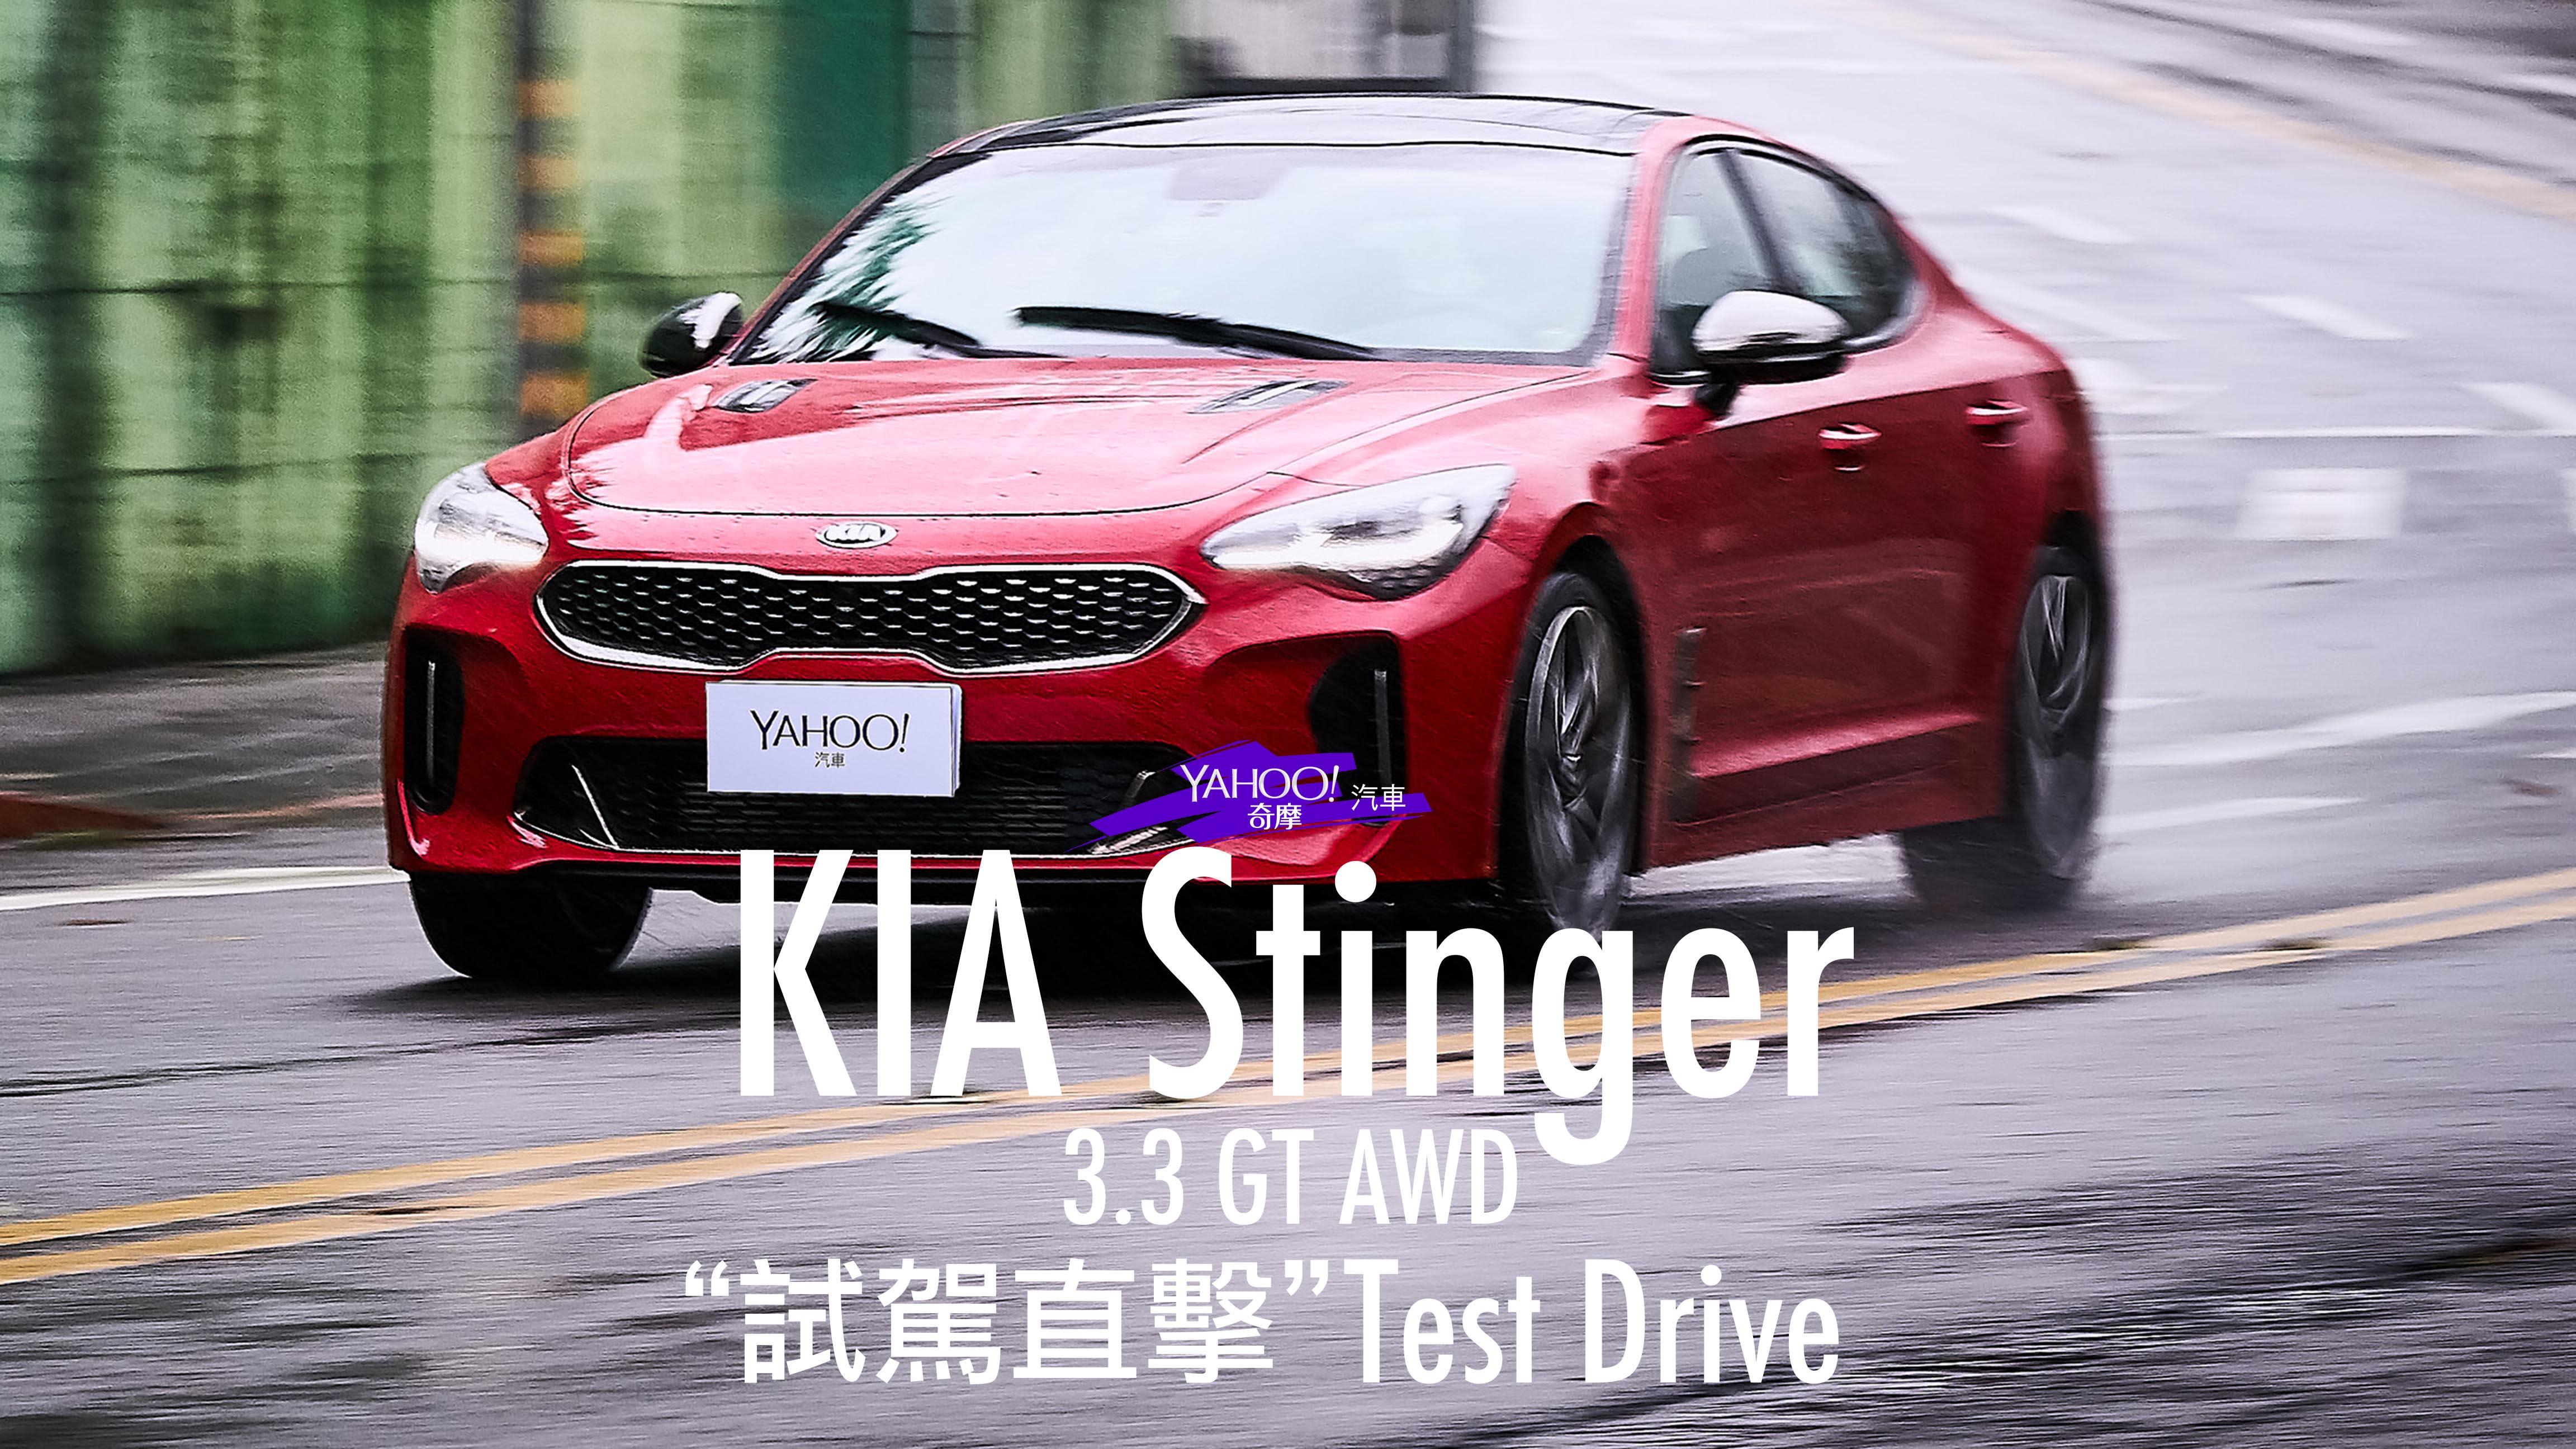 【試駕直擊】不是終點、更像個中繼點的醞釀之作!KIA Stinger 3.3GT城郊試駕